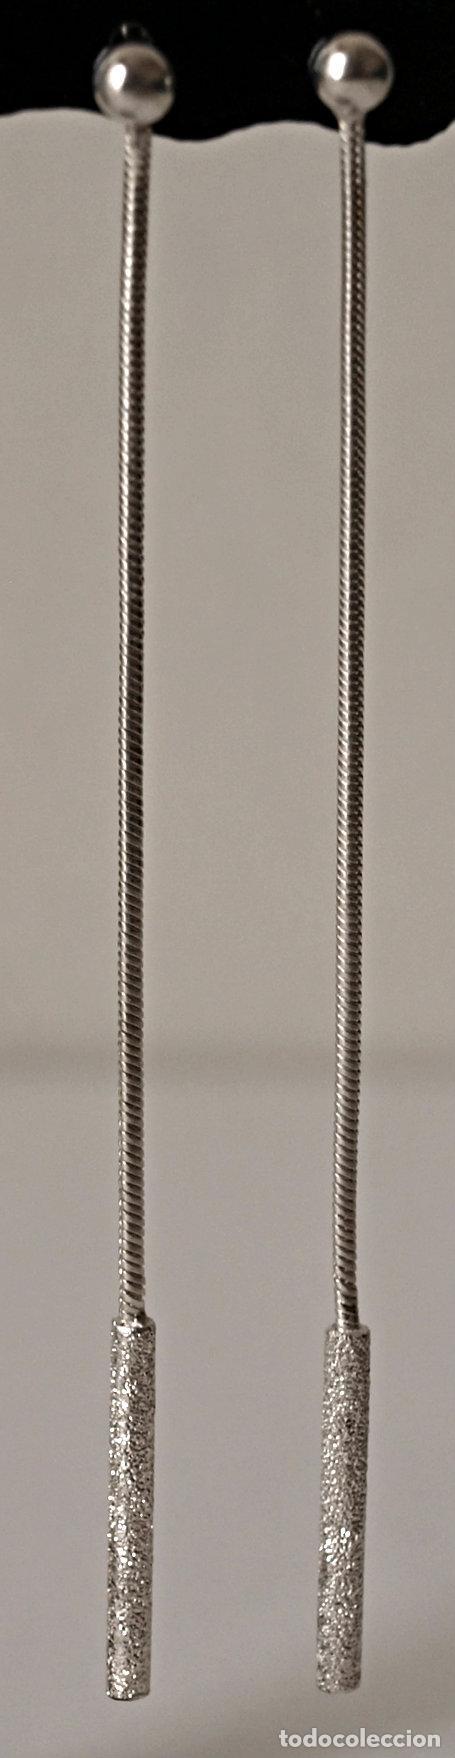 PENDIENTES LARGOS DE PLATA DE LEY CONTRASTADA. 8,4 CM LARGO APROX. VER FOTOS Y DESCRIPCION (Joyería - Pendientes Antiguos)